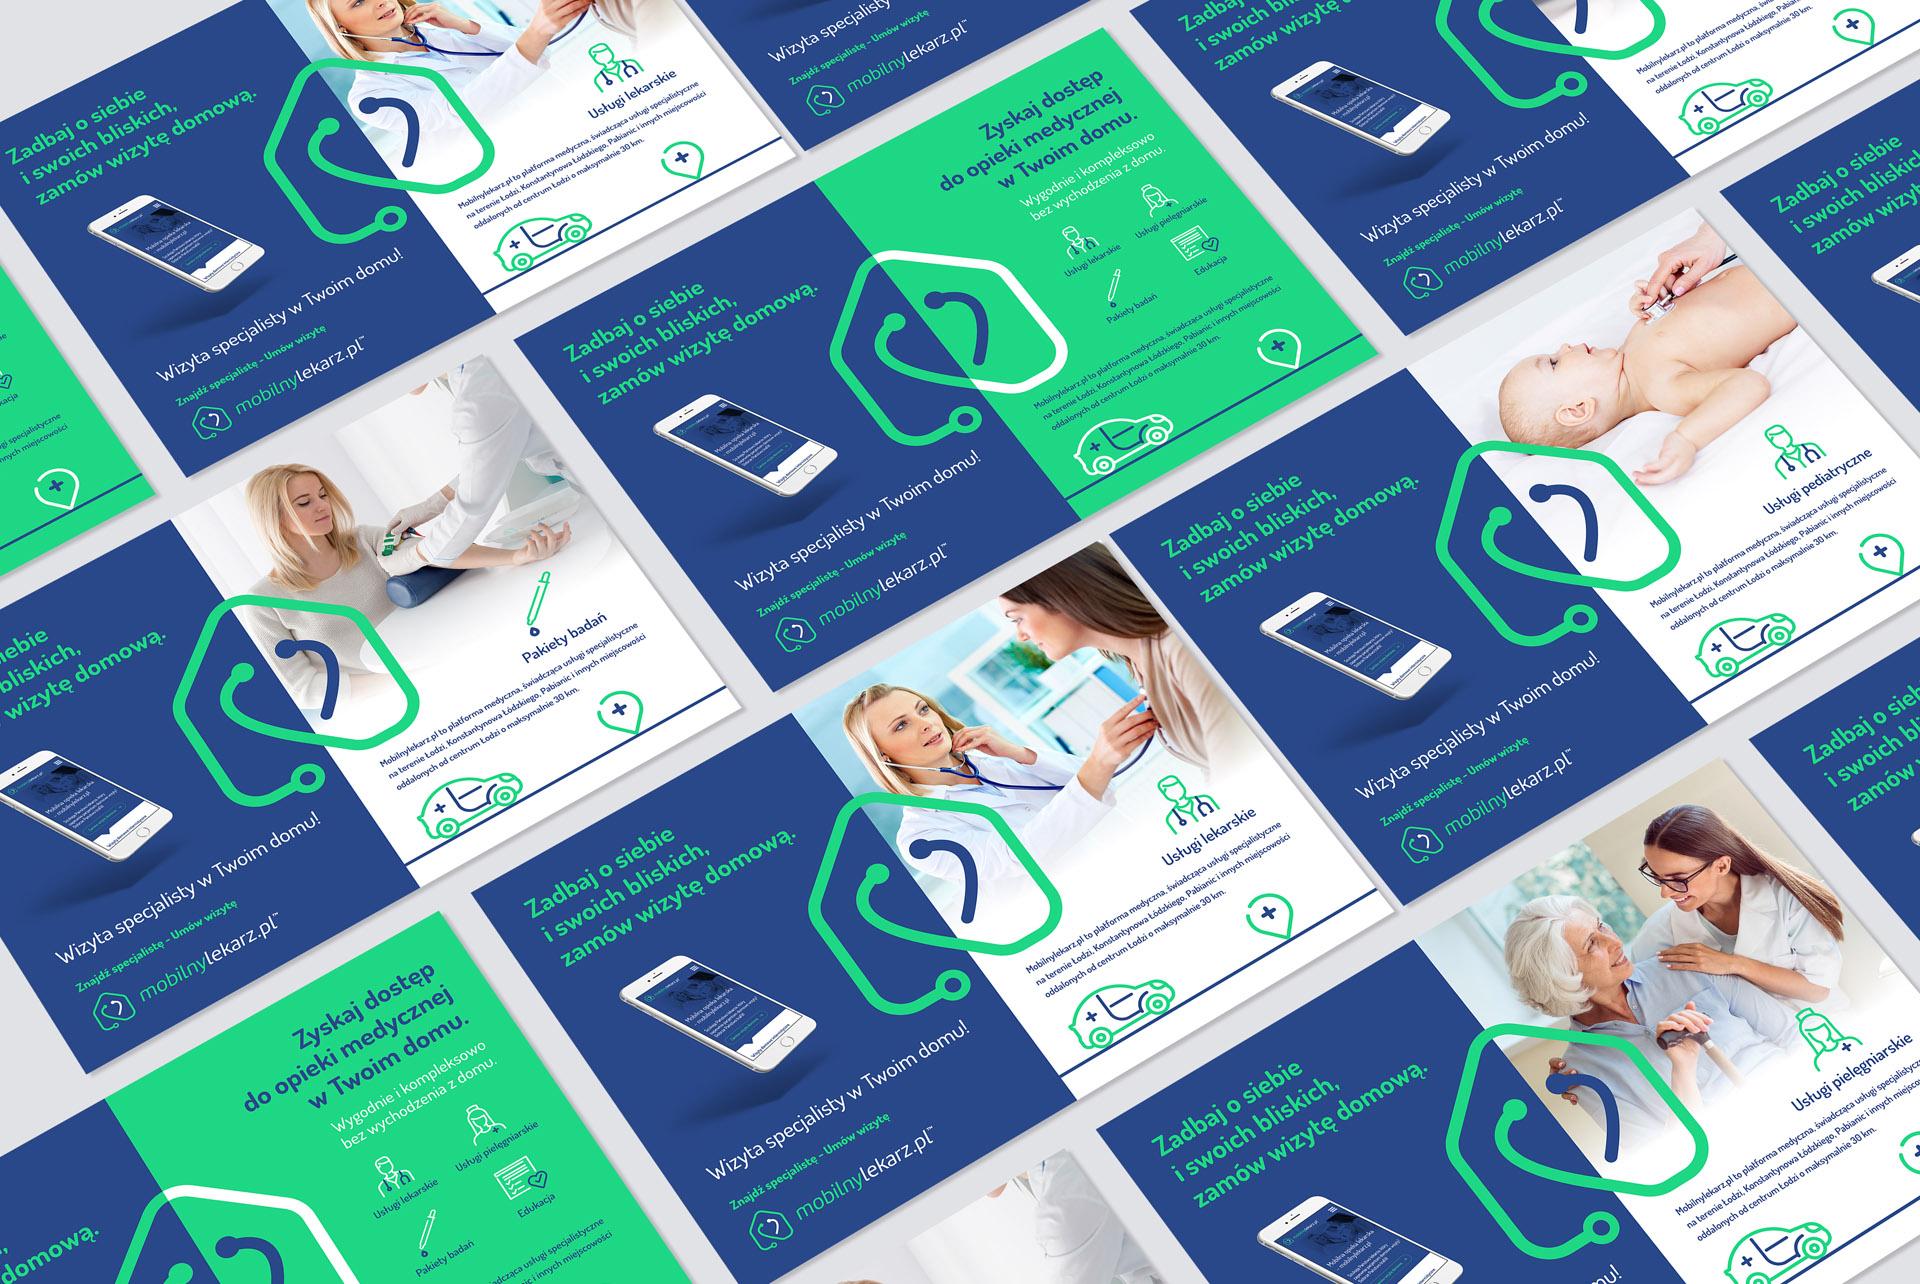 Mobilny Lekarz Identyfikacja Wizualna Plakat Poster Key Visual